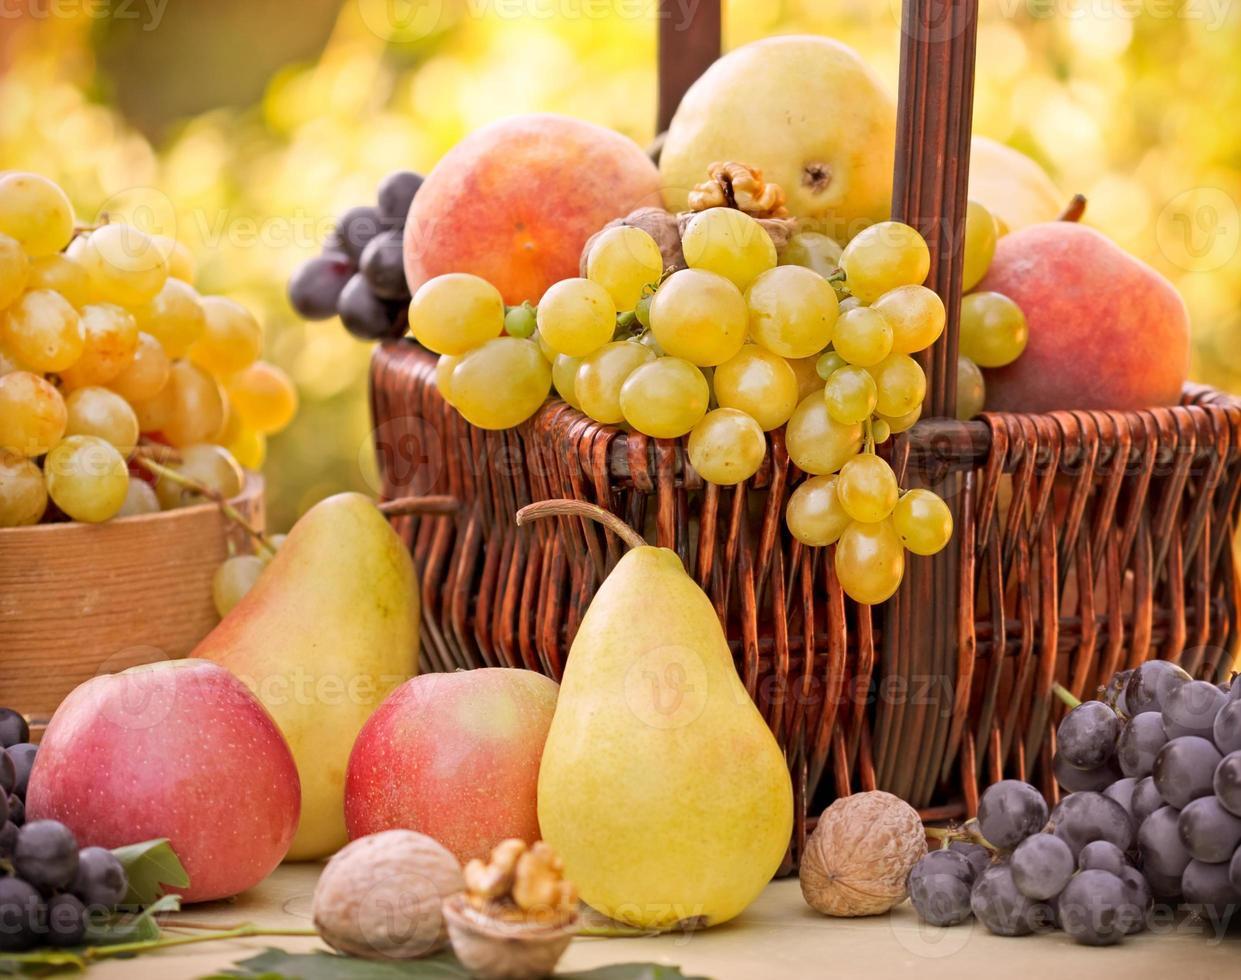 frutti autunnali - frutti biologici foto